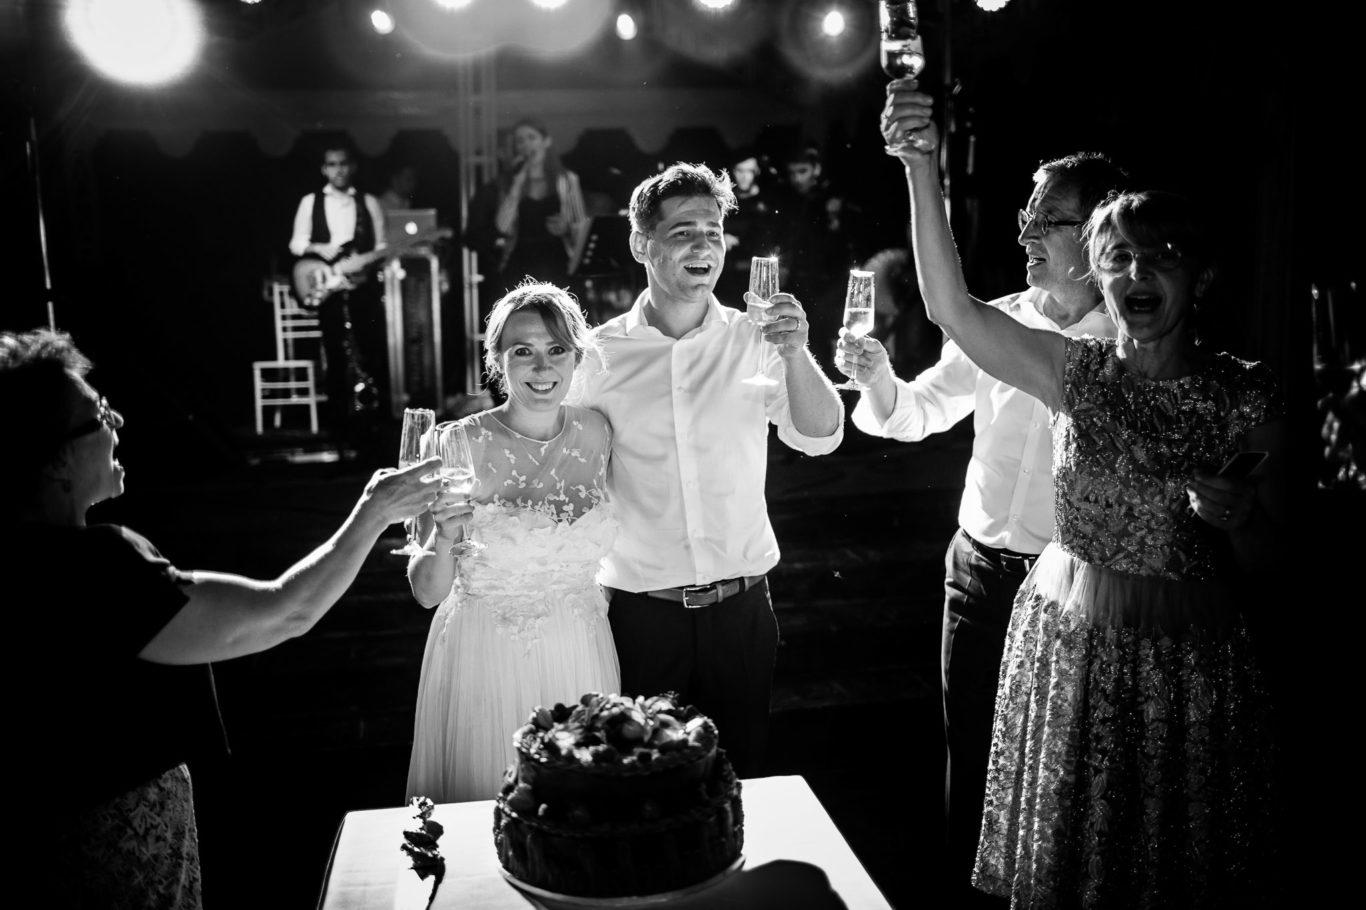 0686-Fotografie-nunta-botez-Ingrid-Geta-Mihai-fotograf-Ciprian-Dumitrescu-DCF_9725